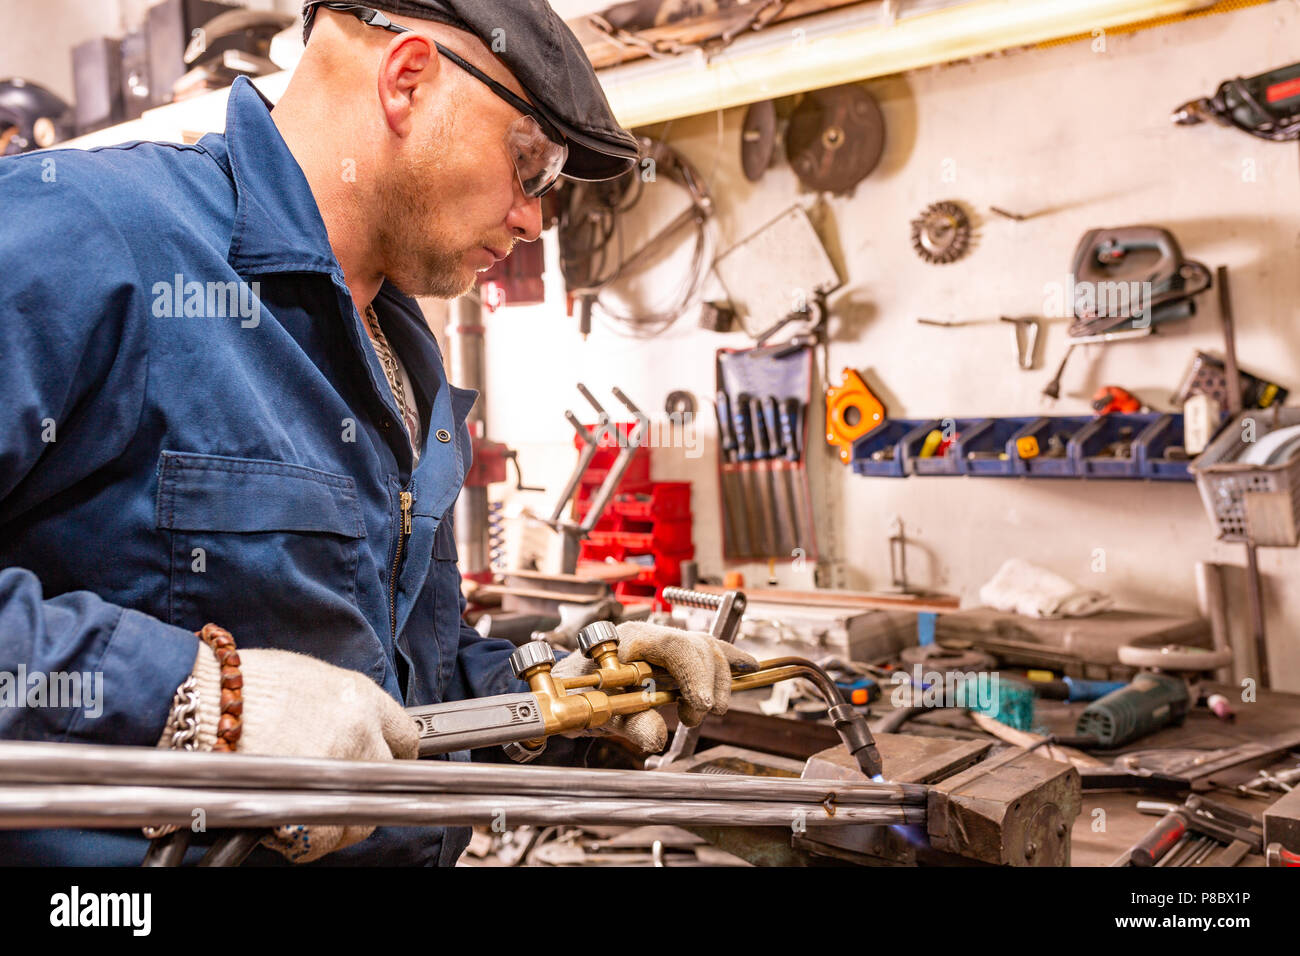 Il giovane uomo è andando a tagliare un pezzo di metallo di saldatura autogena. Immagini Stock